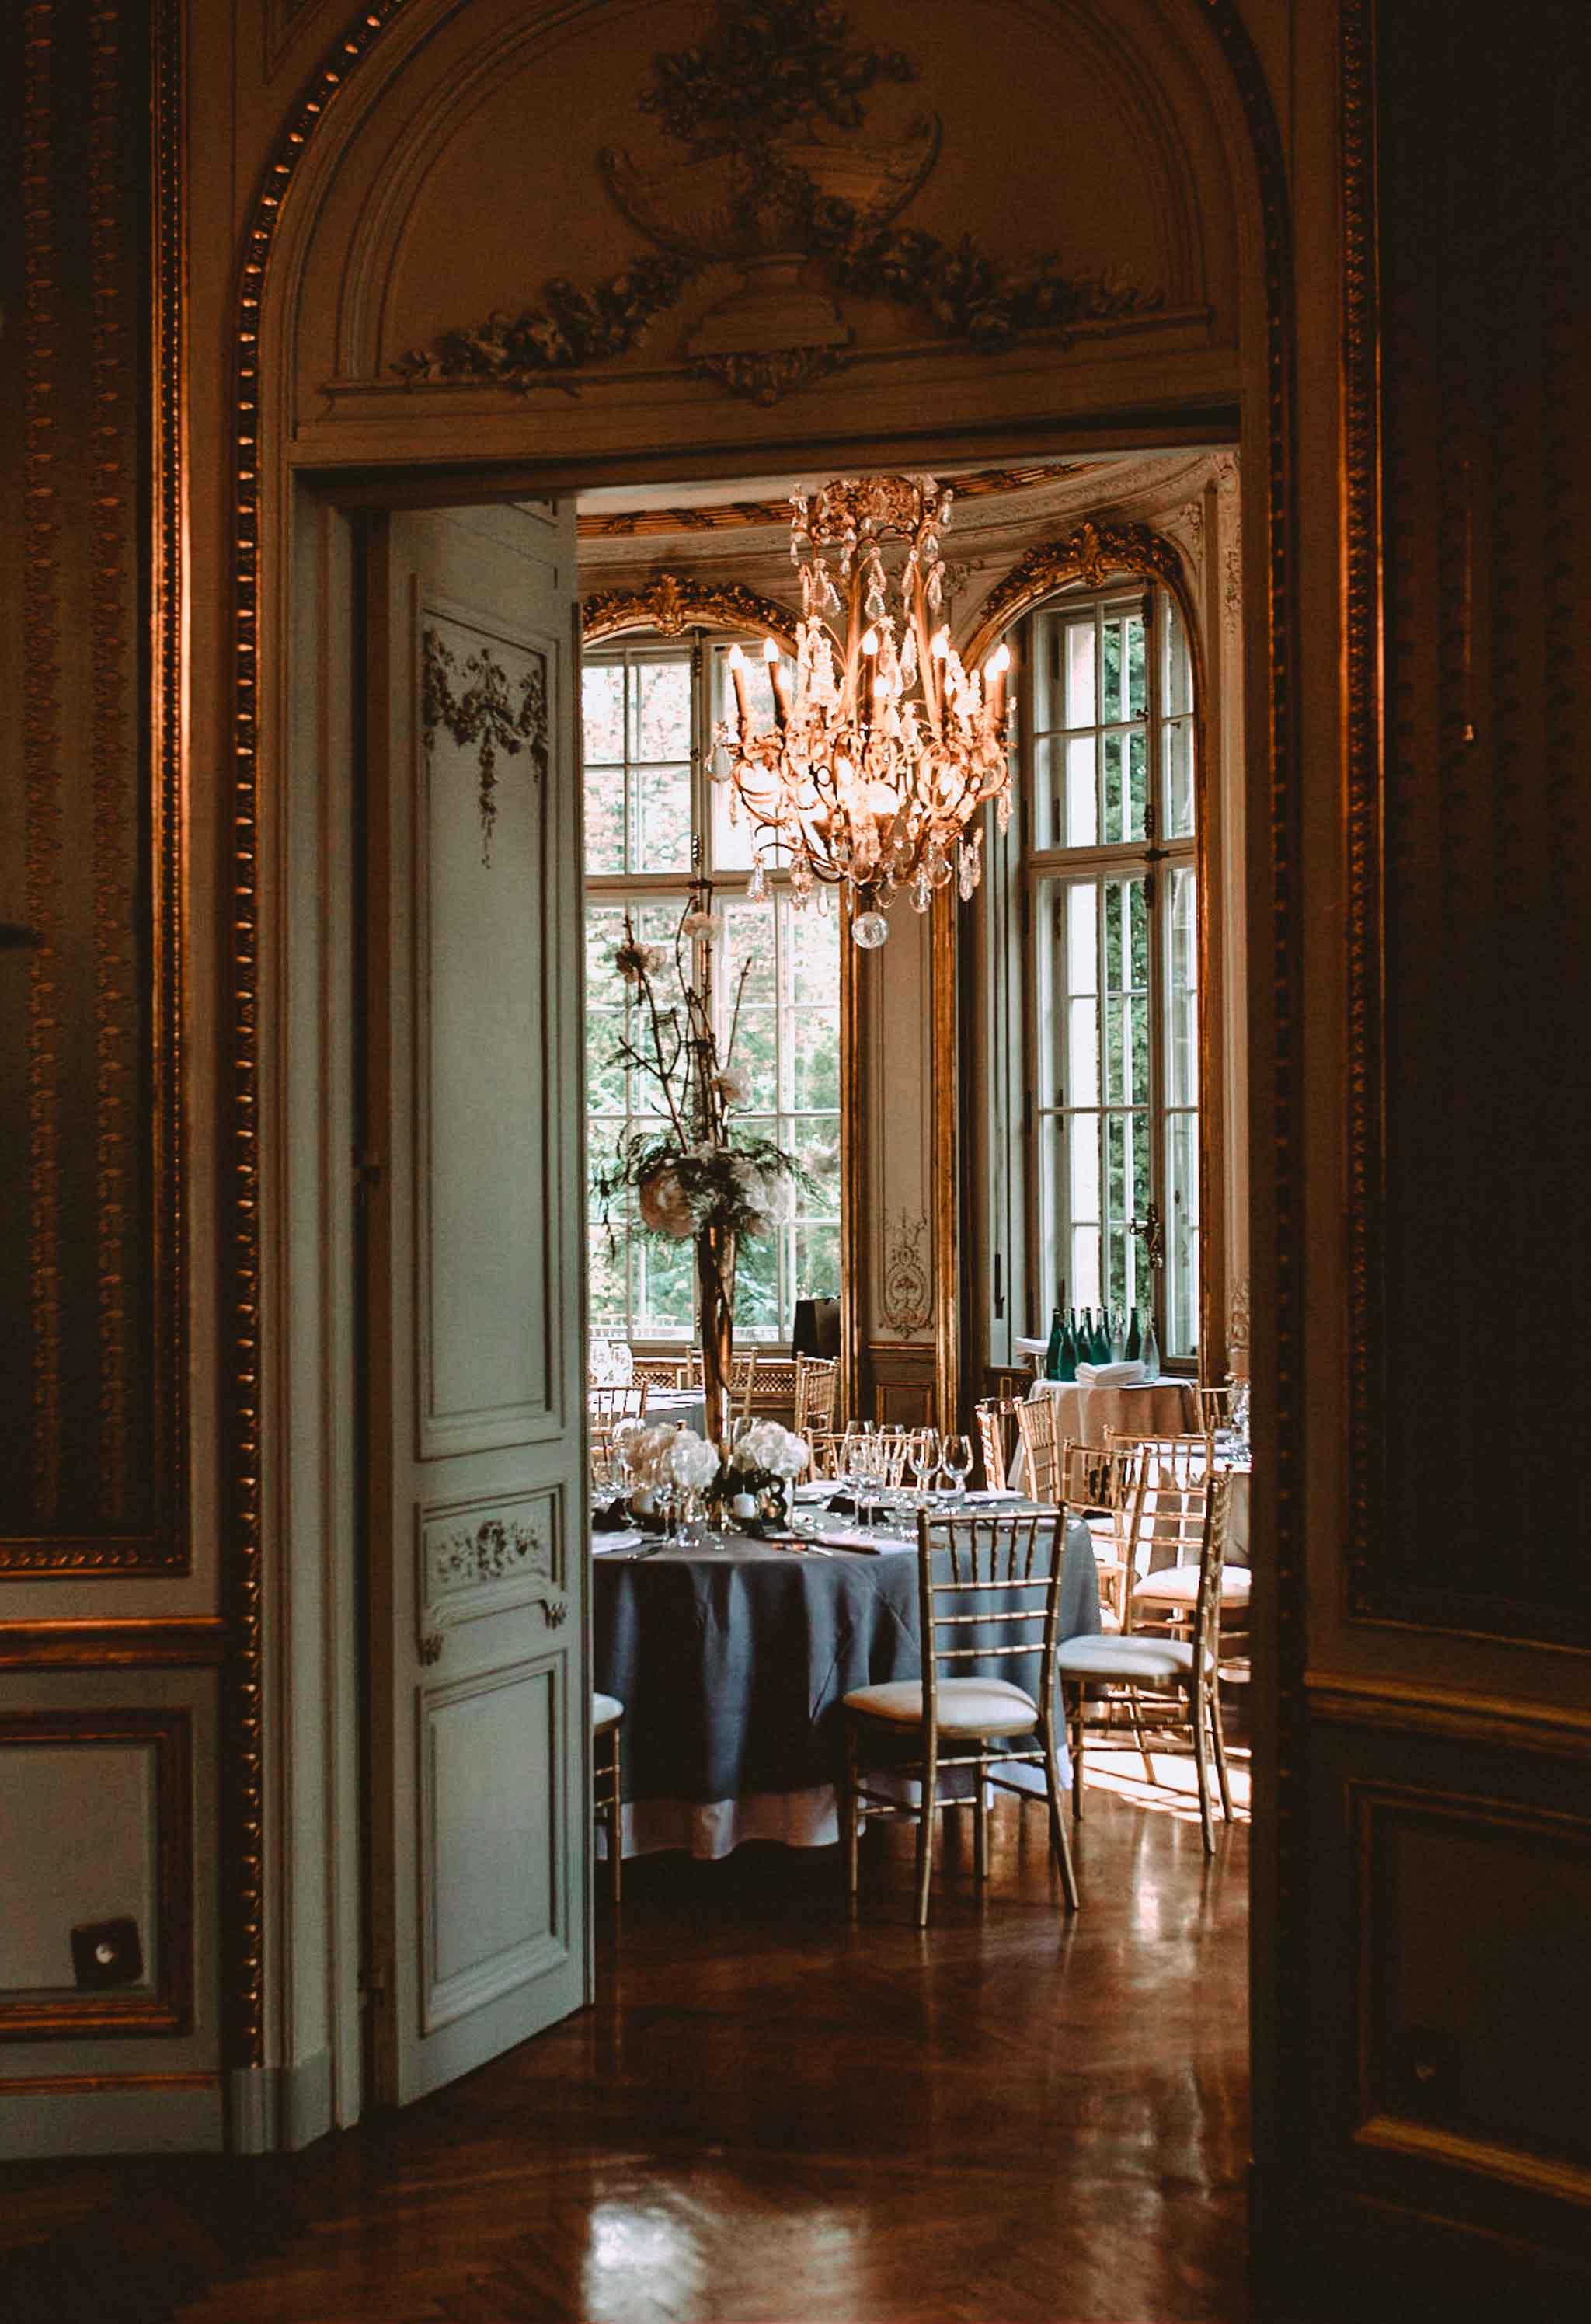 Hochzeit_Berlin_Patrick_Hellmann_Schlosshotel138